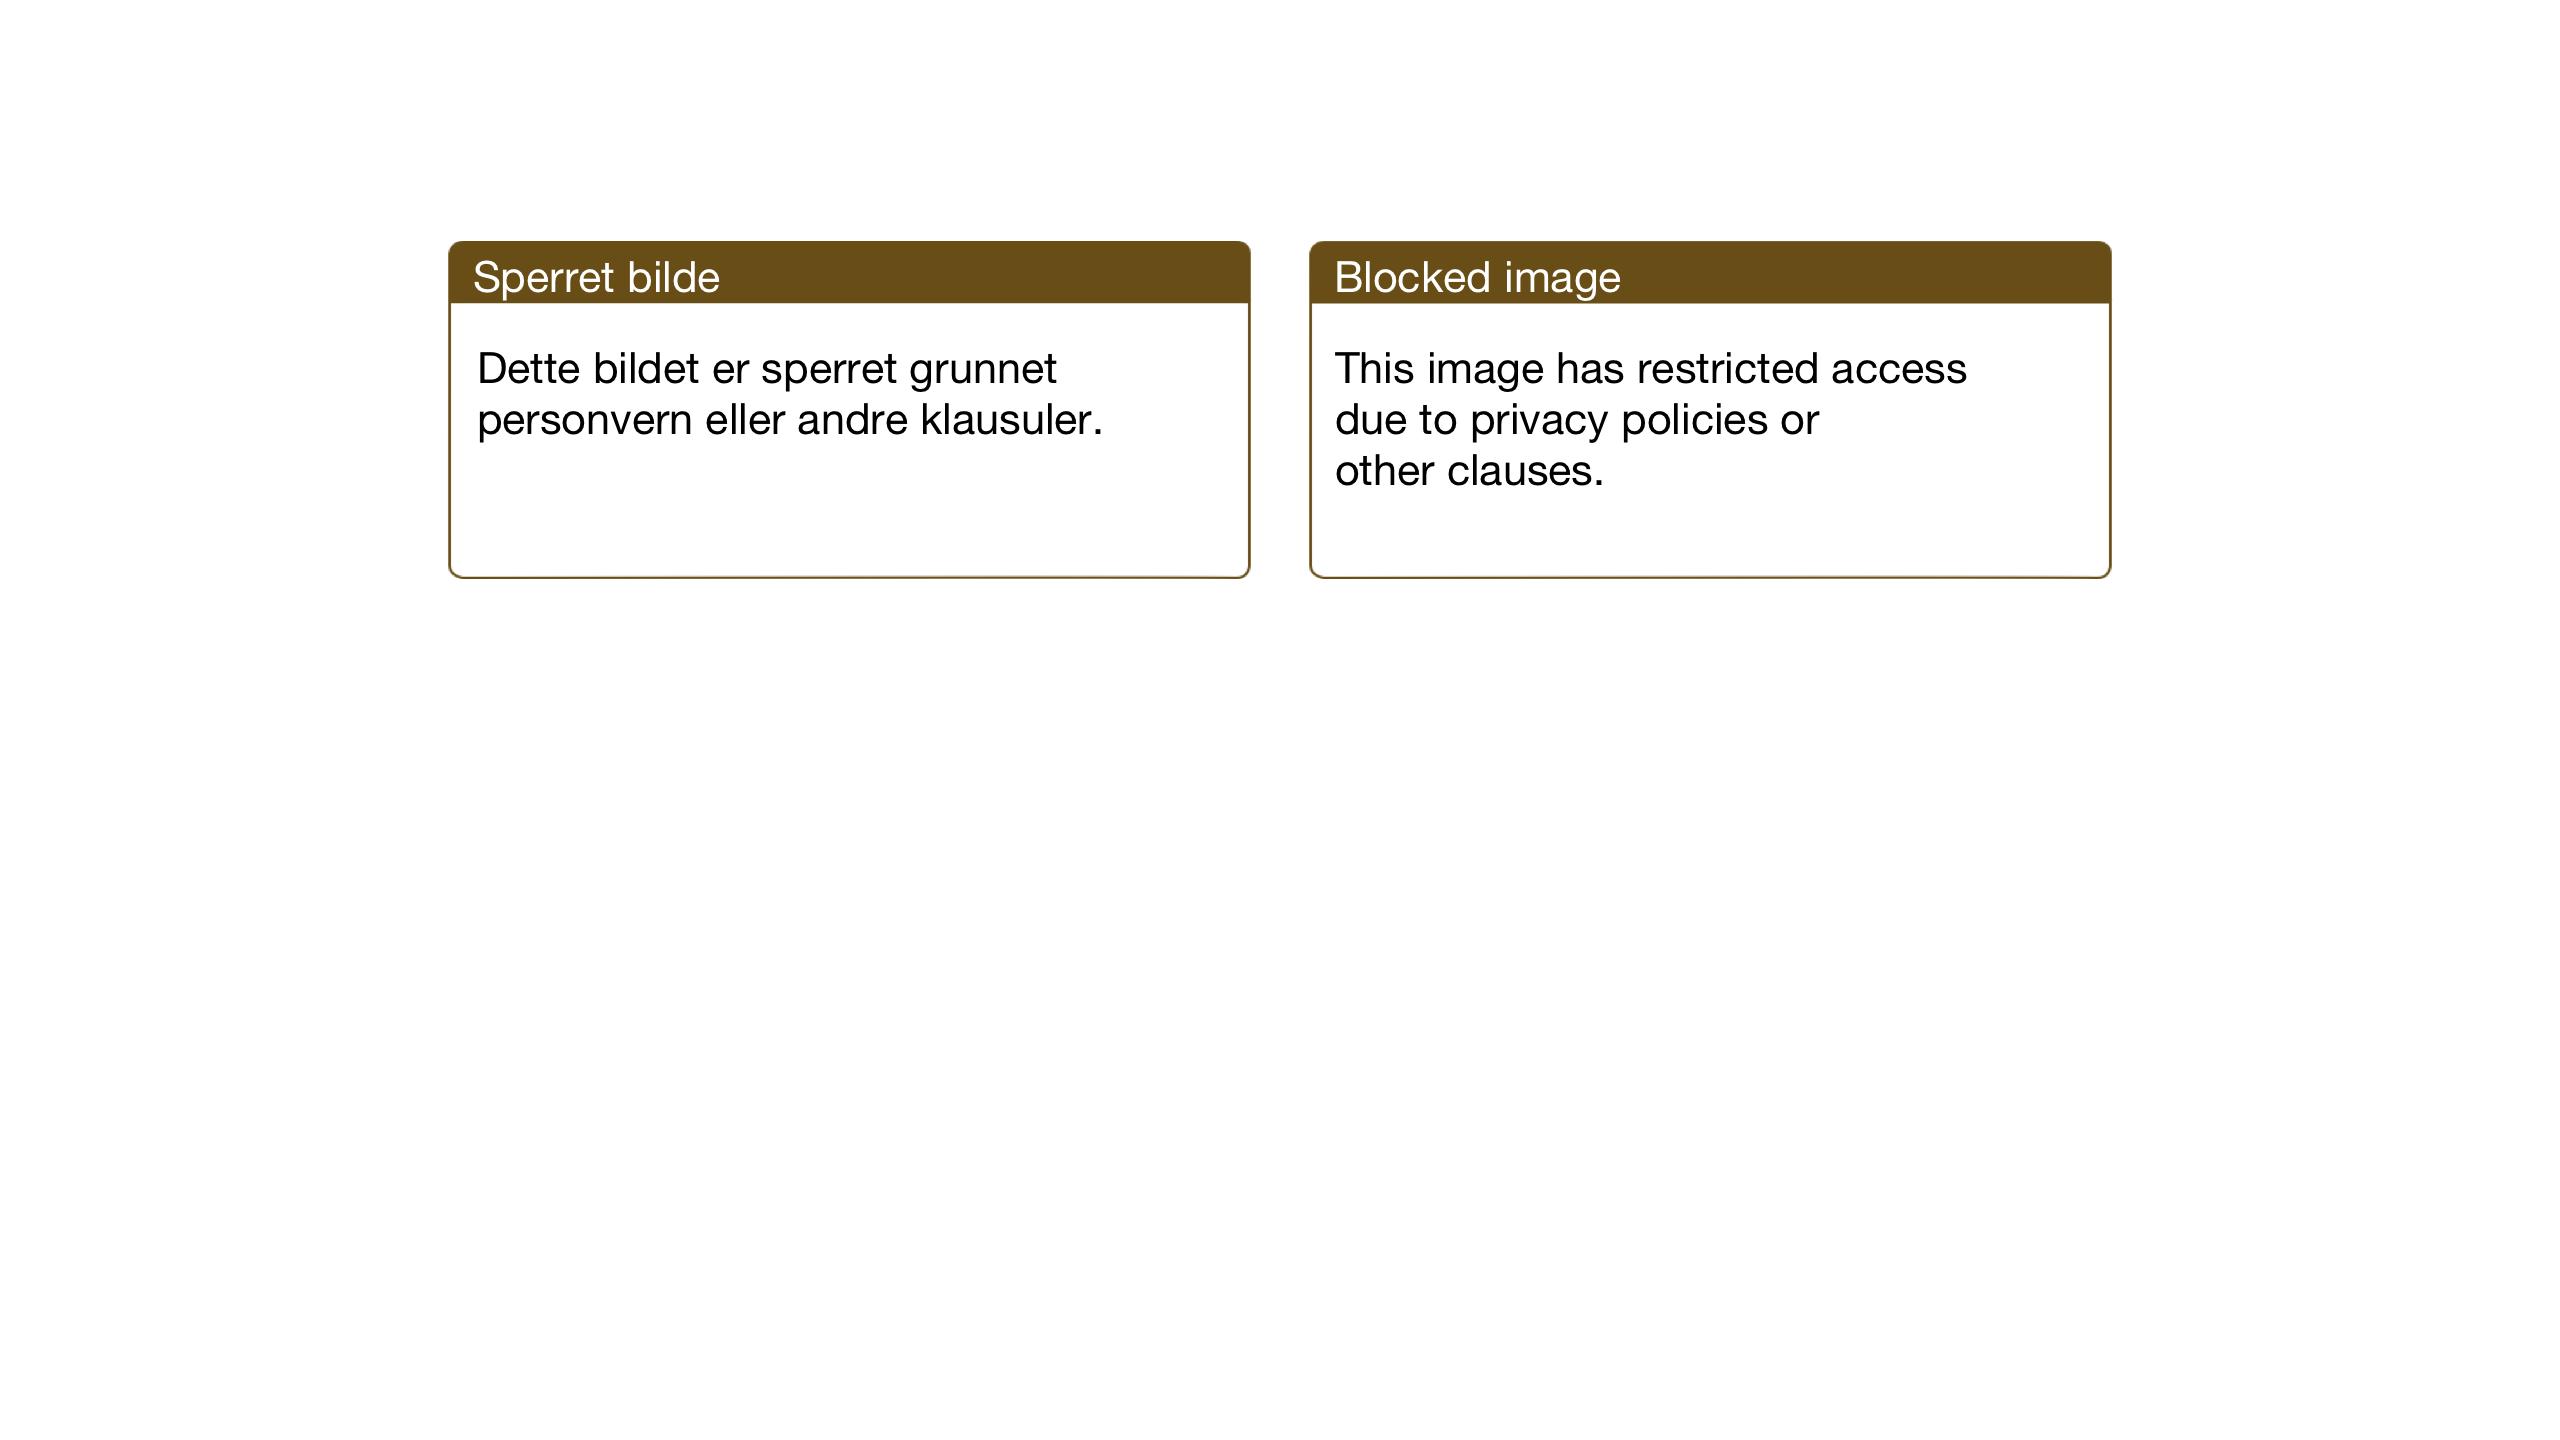 SAT, Ministerialprotokoller, klokkerbøker og fødselsregistre - Nord-Trøndelag, 722/L0227: Klokkerbok nr. 722C03, 1928-1958, s. 67